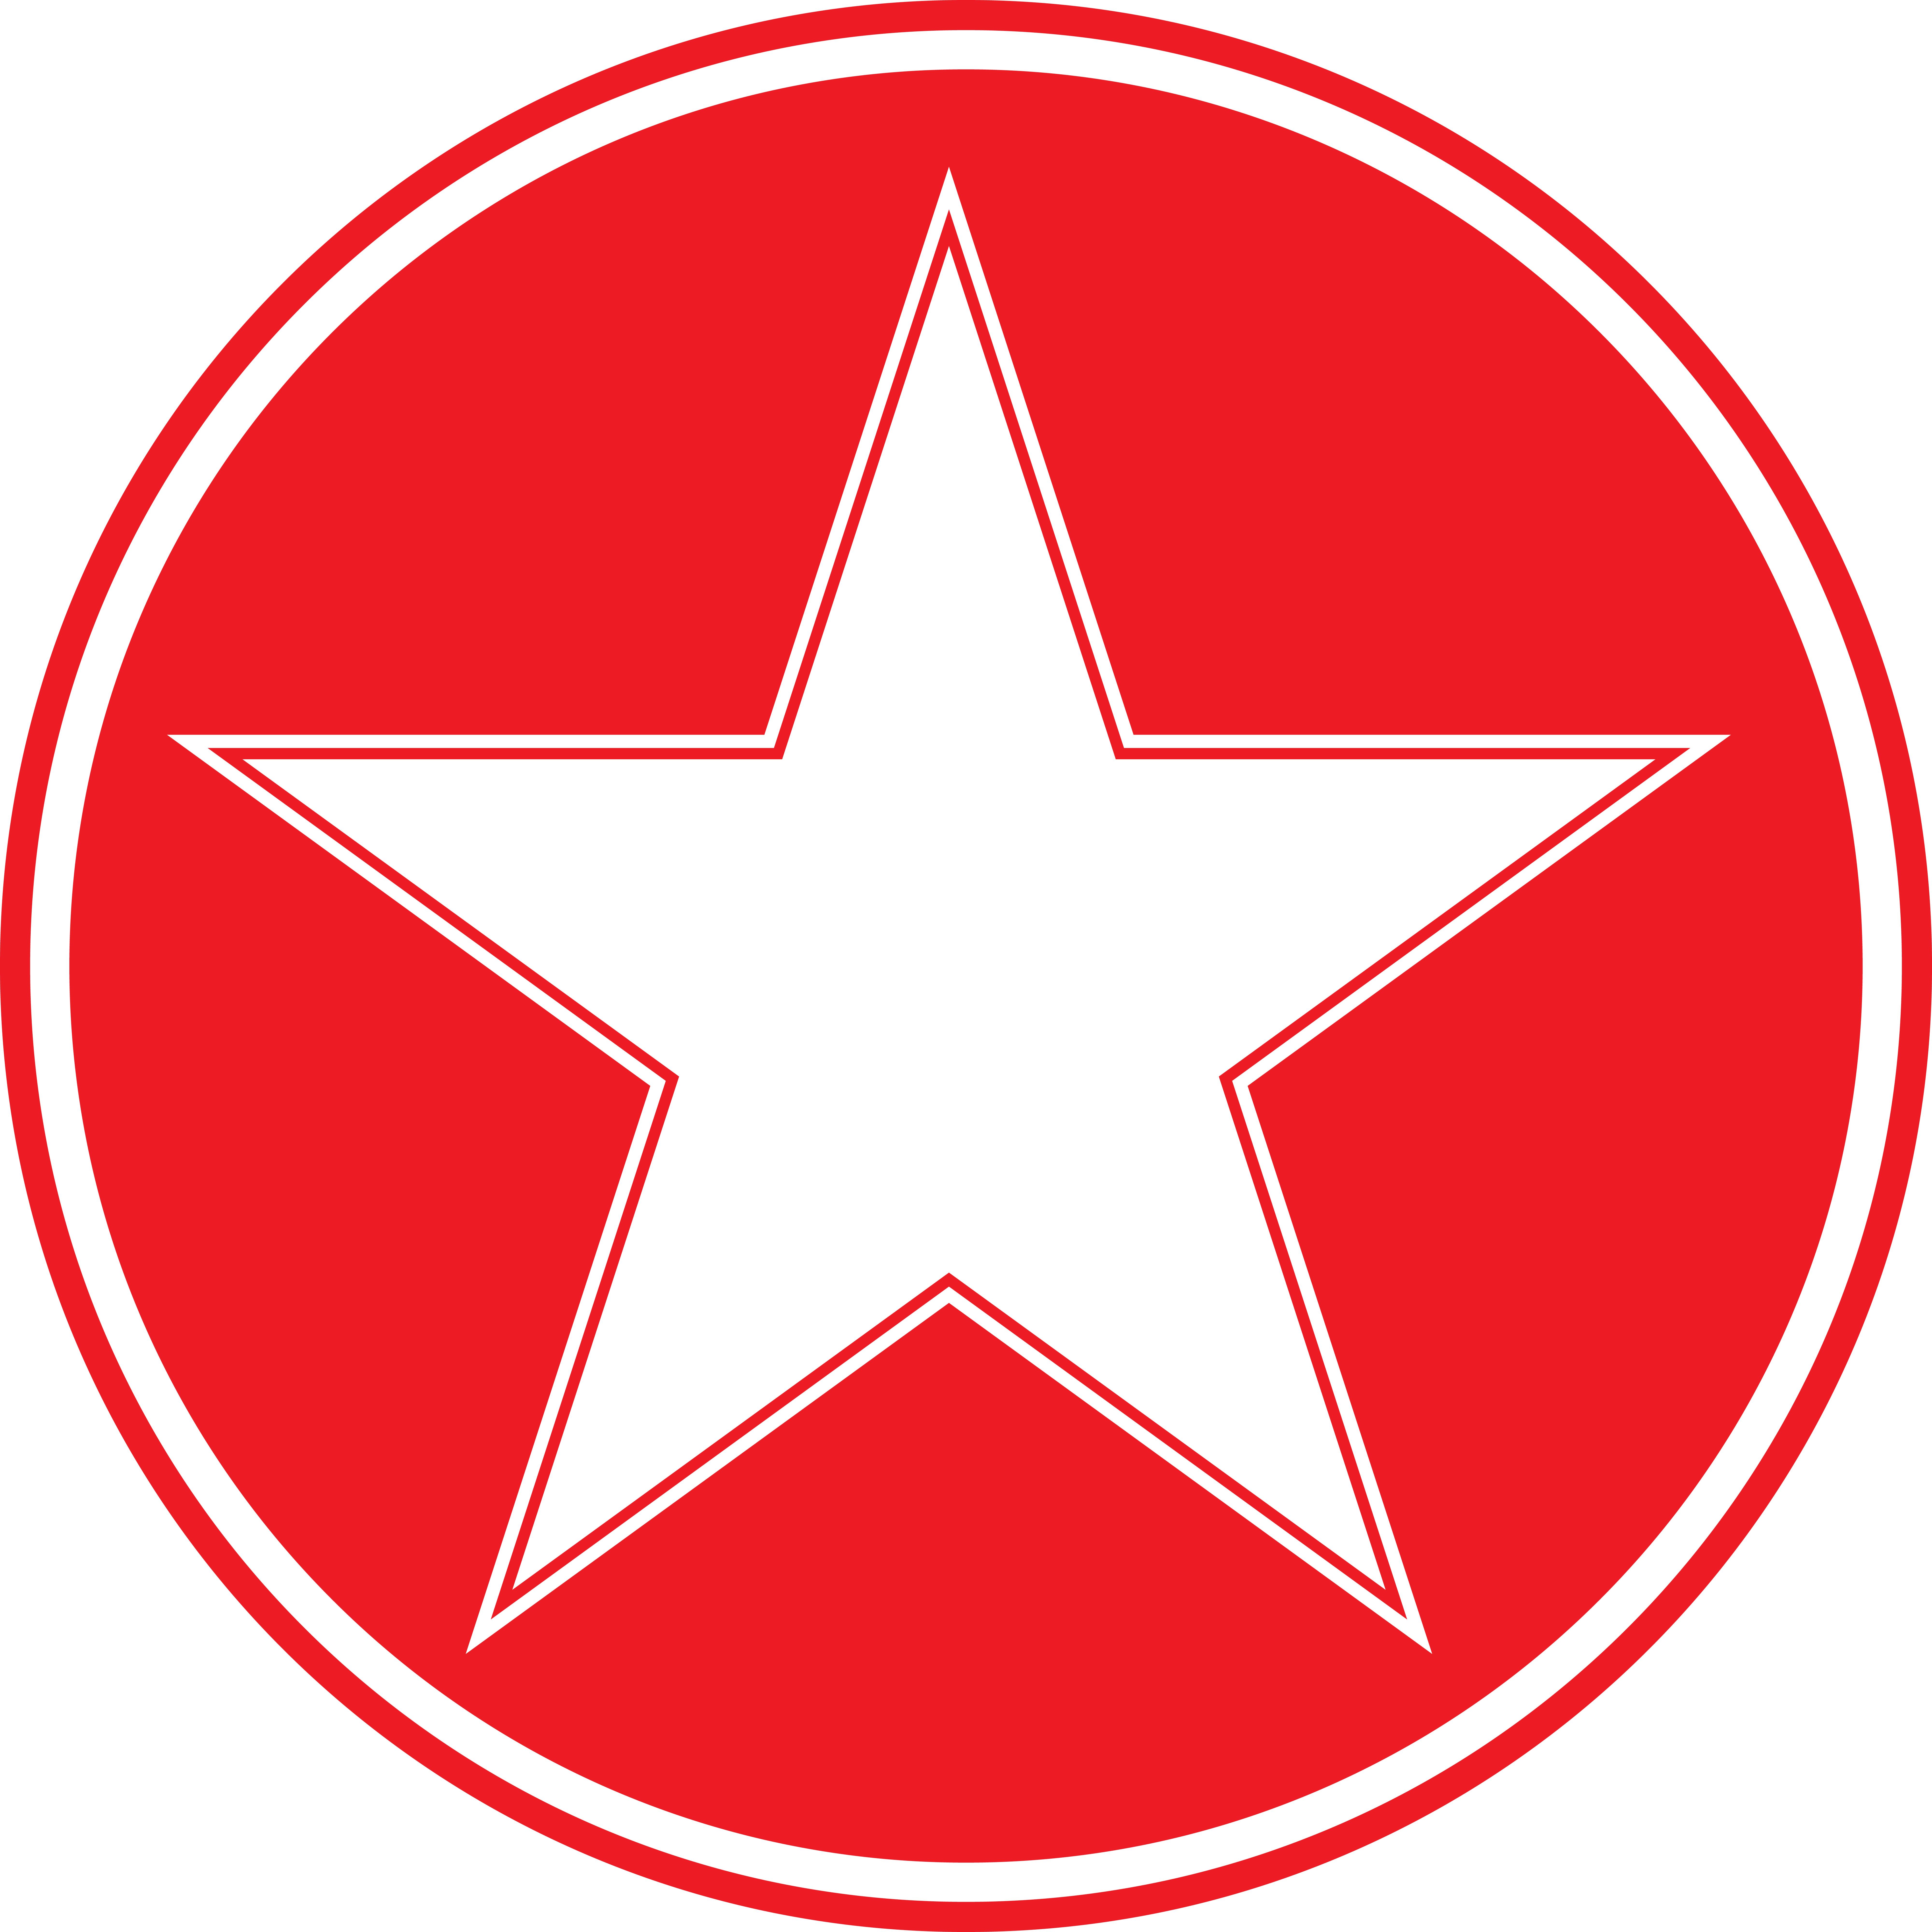 star in circle logos